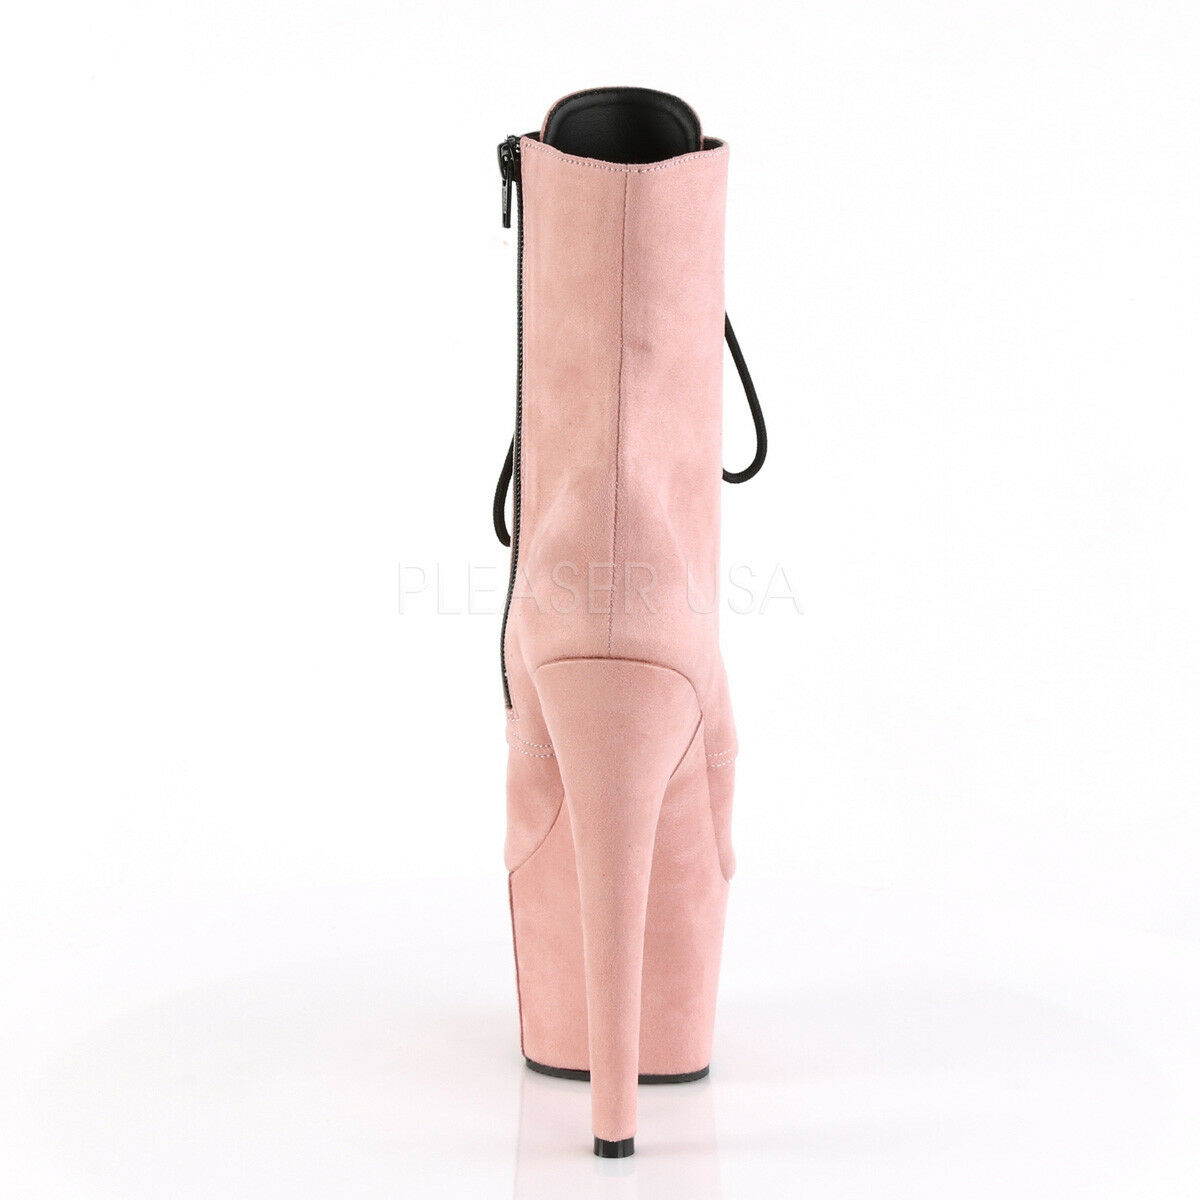 Pleaser Adore    1020FS 7 Heel Platform Bebé Rosa Imitación Gamuza Botas al tobillo con Cordones b8fa29